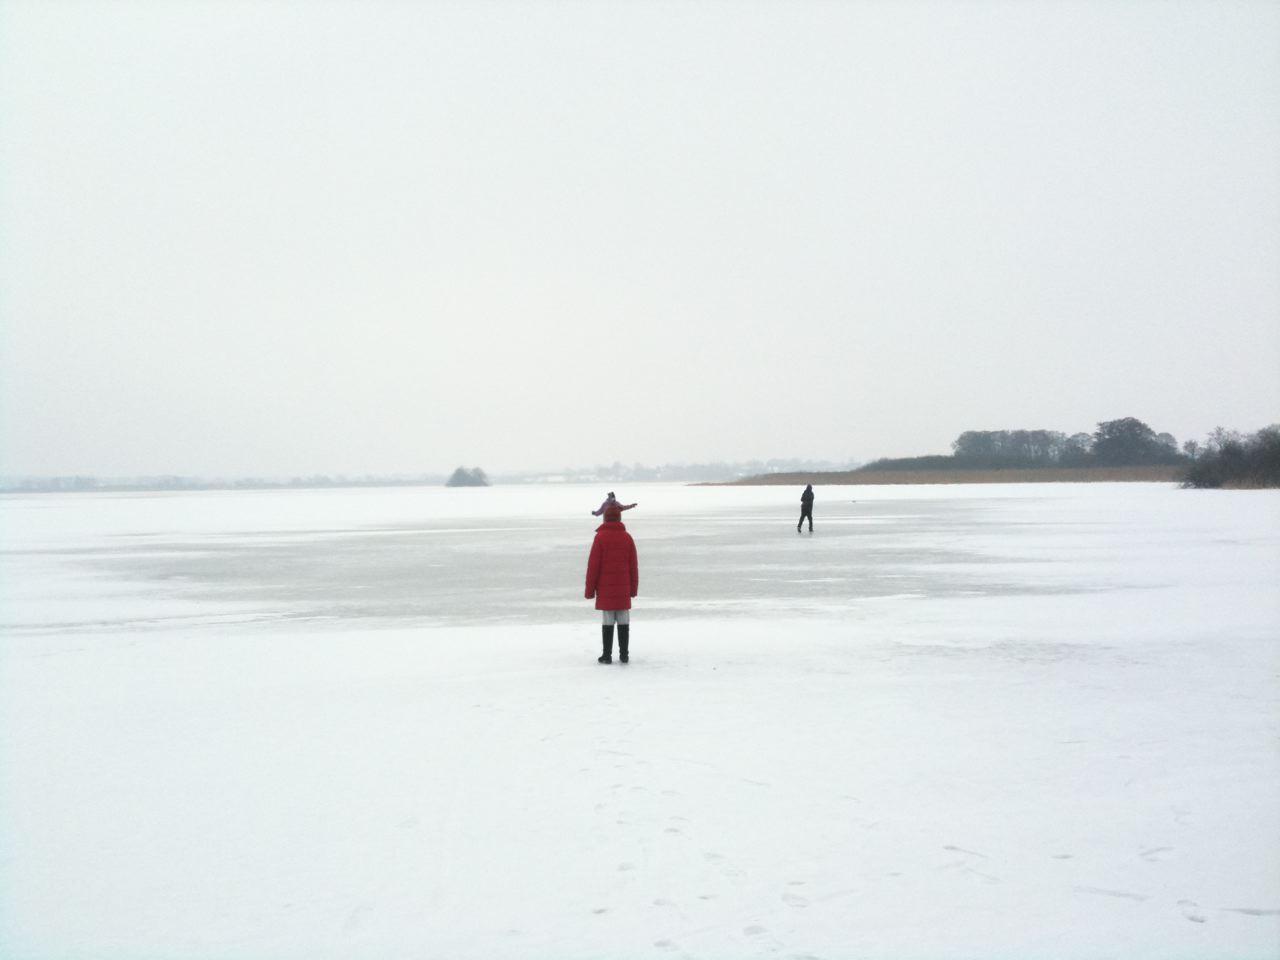 wandern Sie auf dem gefrorenen Postsee,